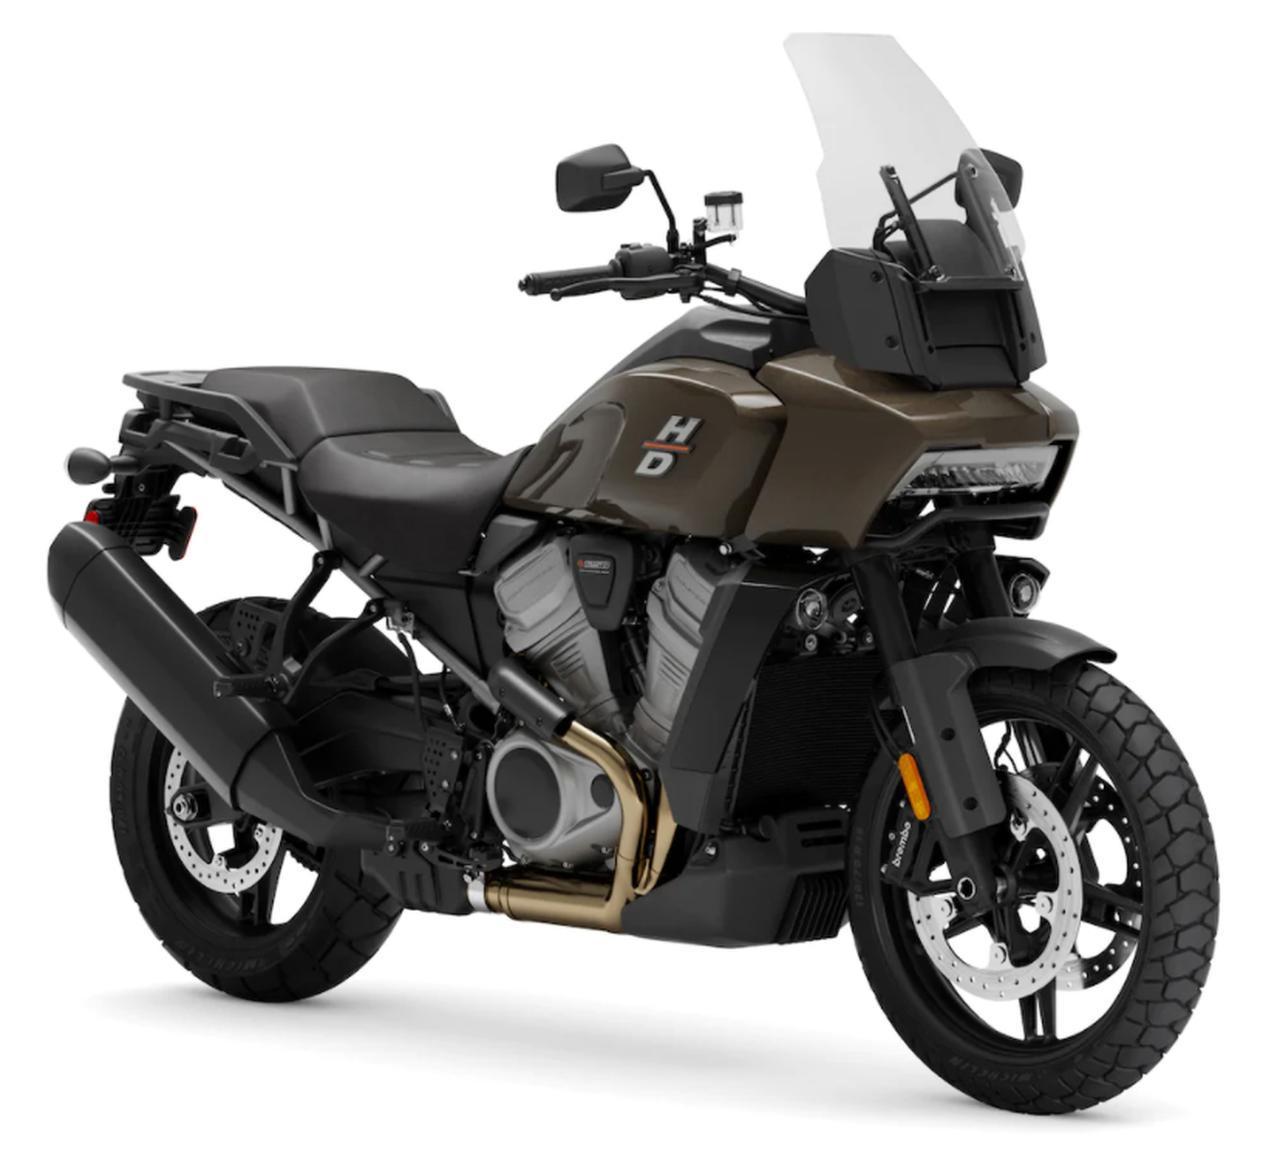 画像: Harley-Davidson Pan America 1250 総排気量:1252cc エンジン形式:水冷4ストDOHC4バルブV型2気筒 最高出力:152PS(112kW)/8750rpm 最大トルク:128Nm